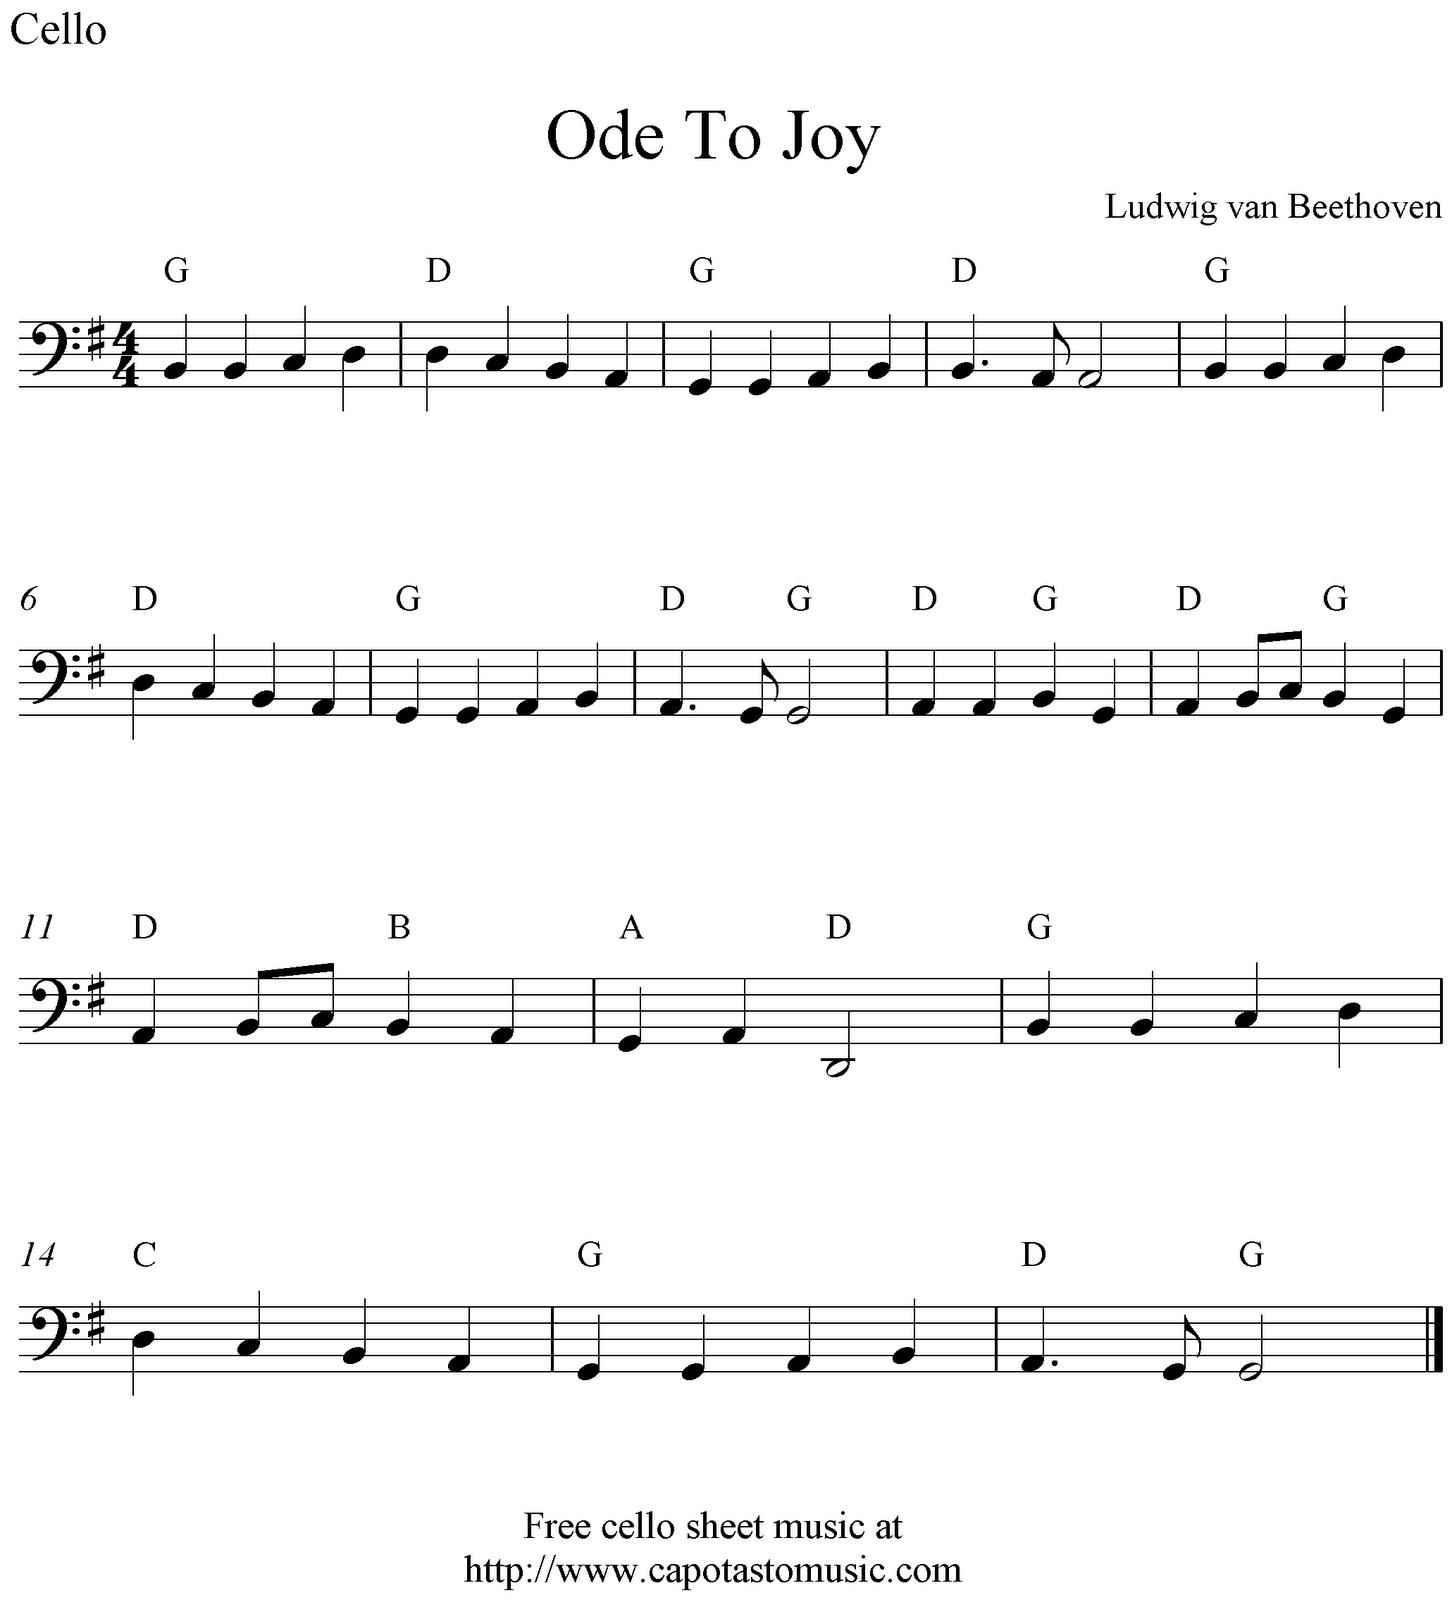 Ode To Joy Free Cello Sheet Music Notes